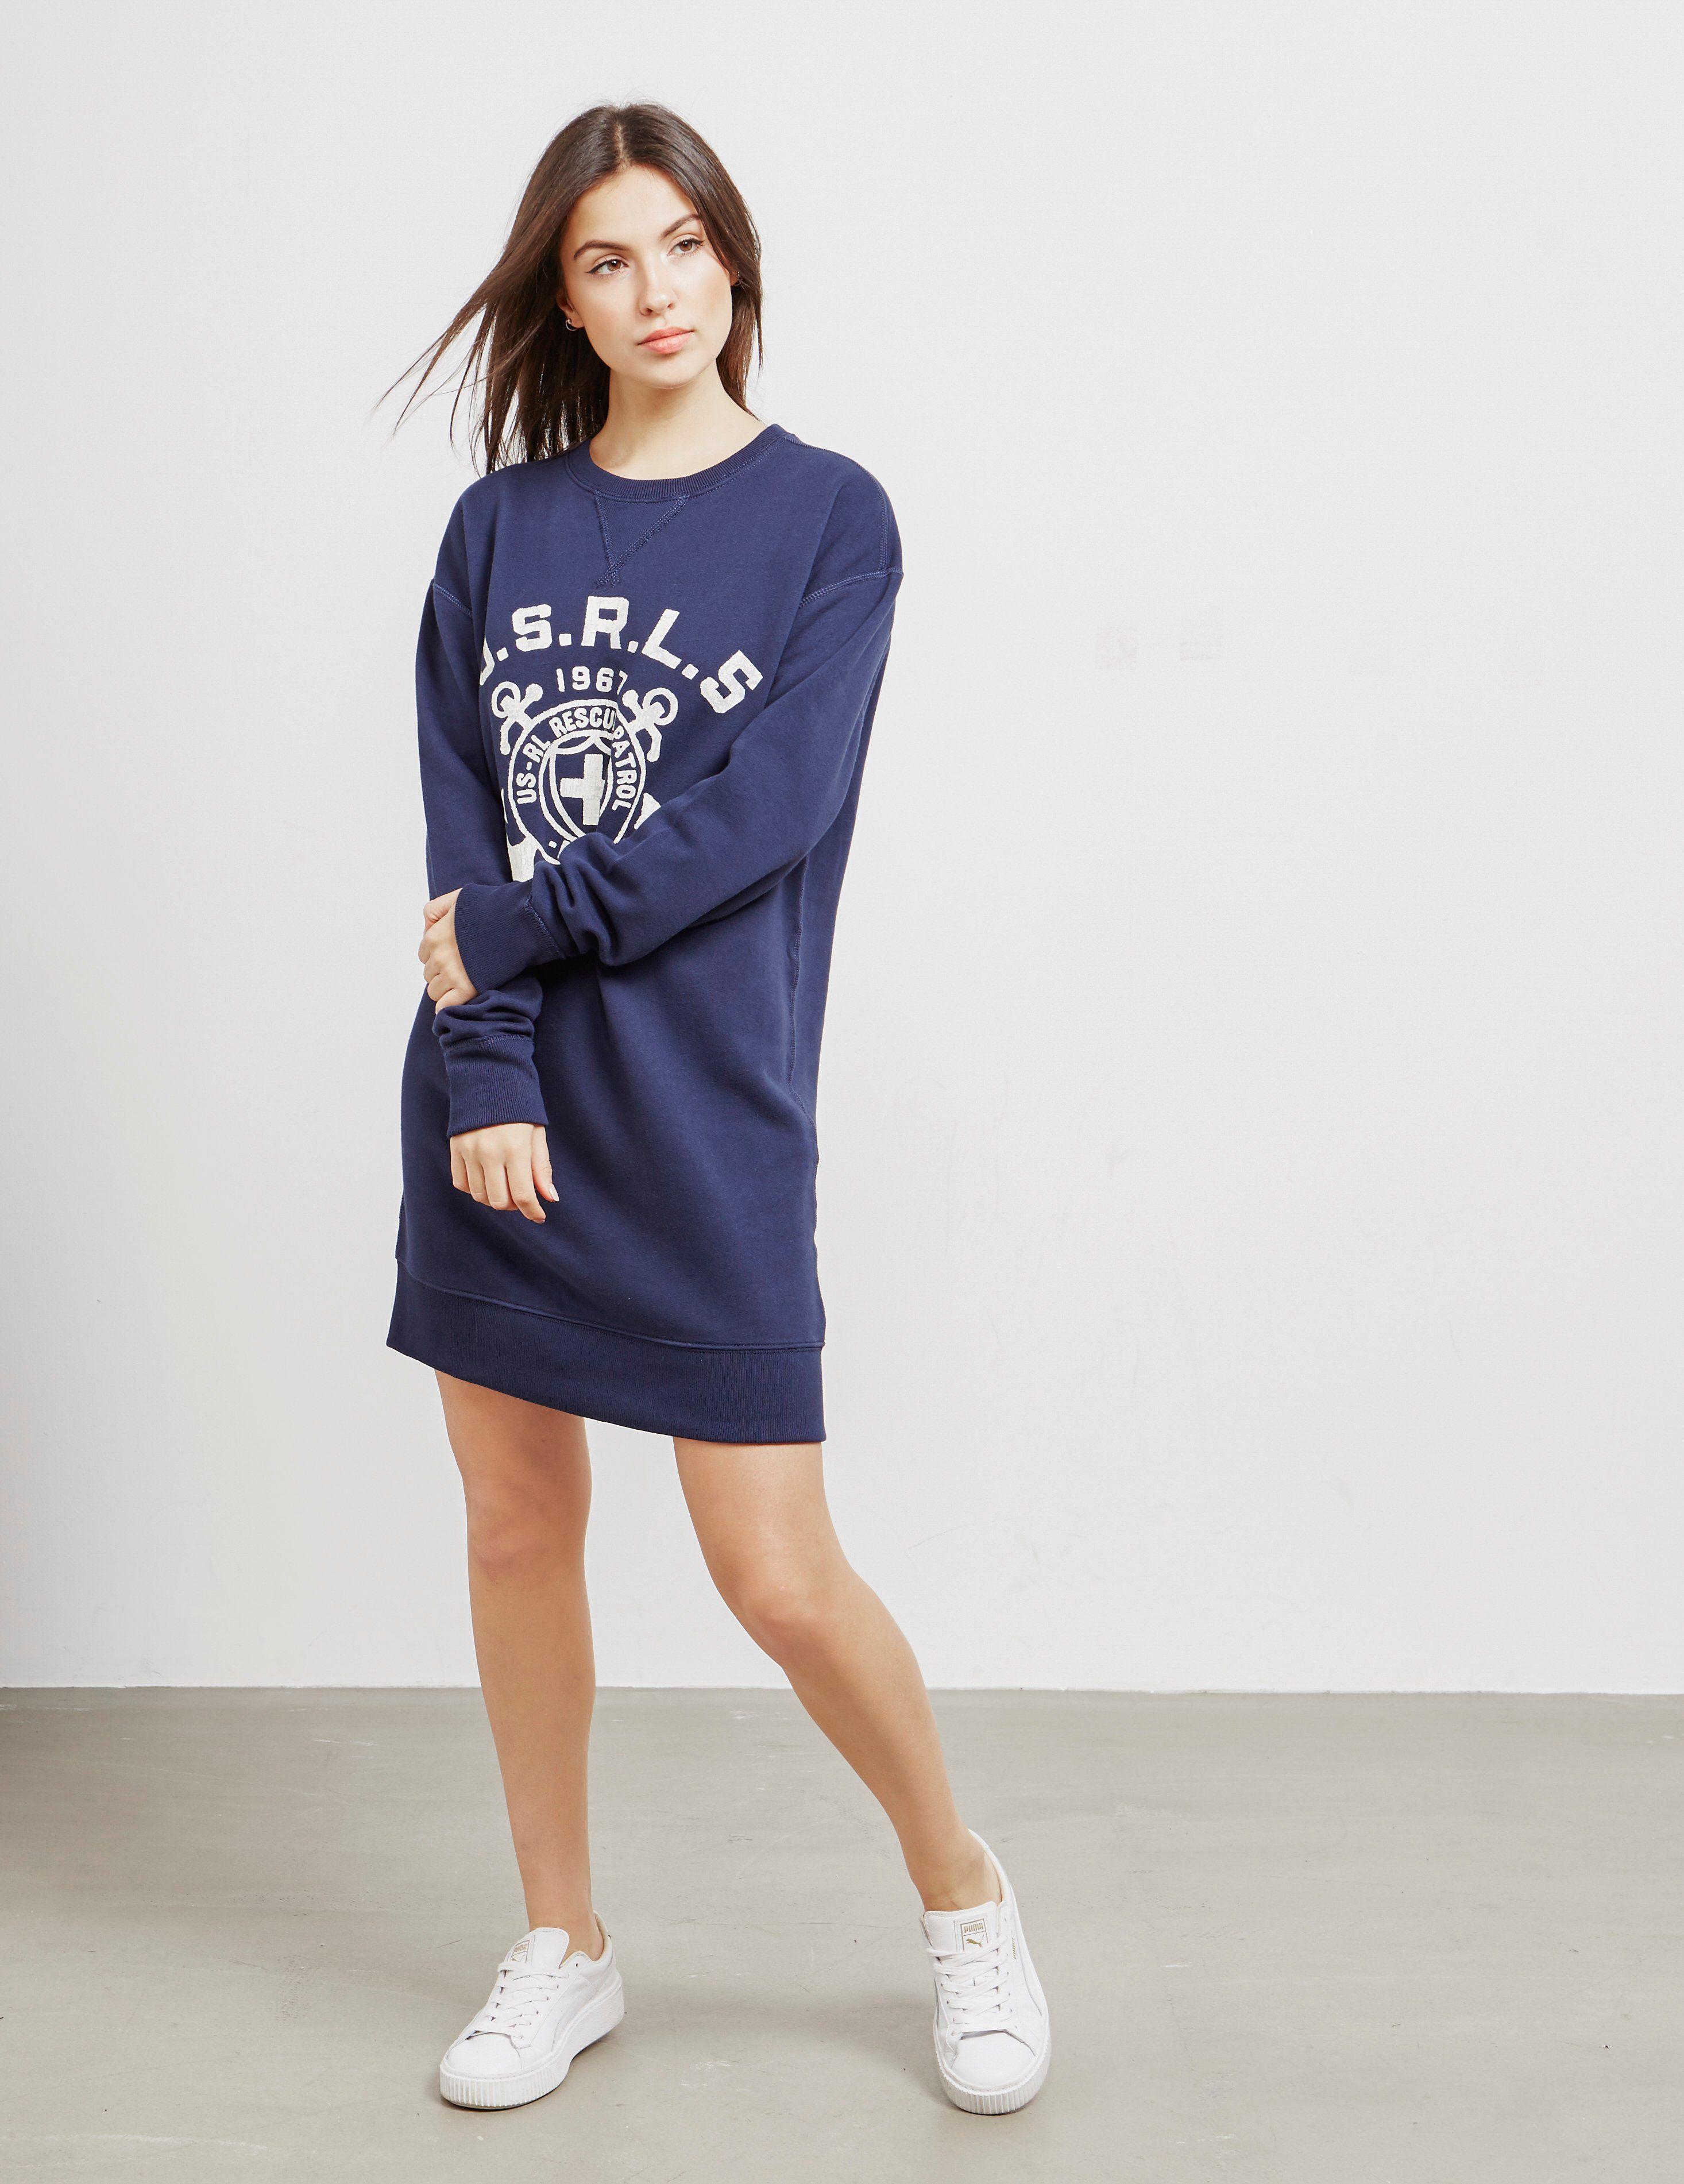 Polo Ralph Lauren Sweatshirt Dress